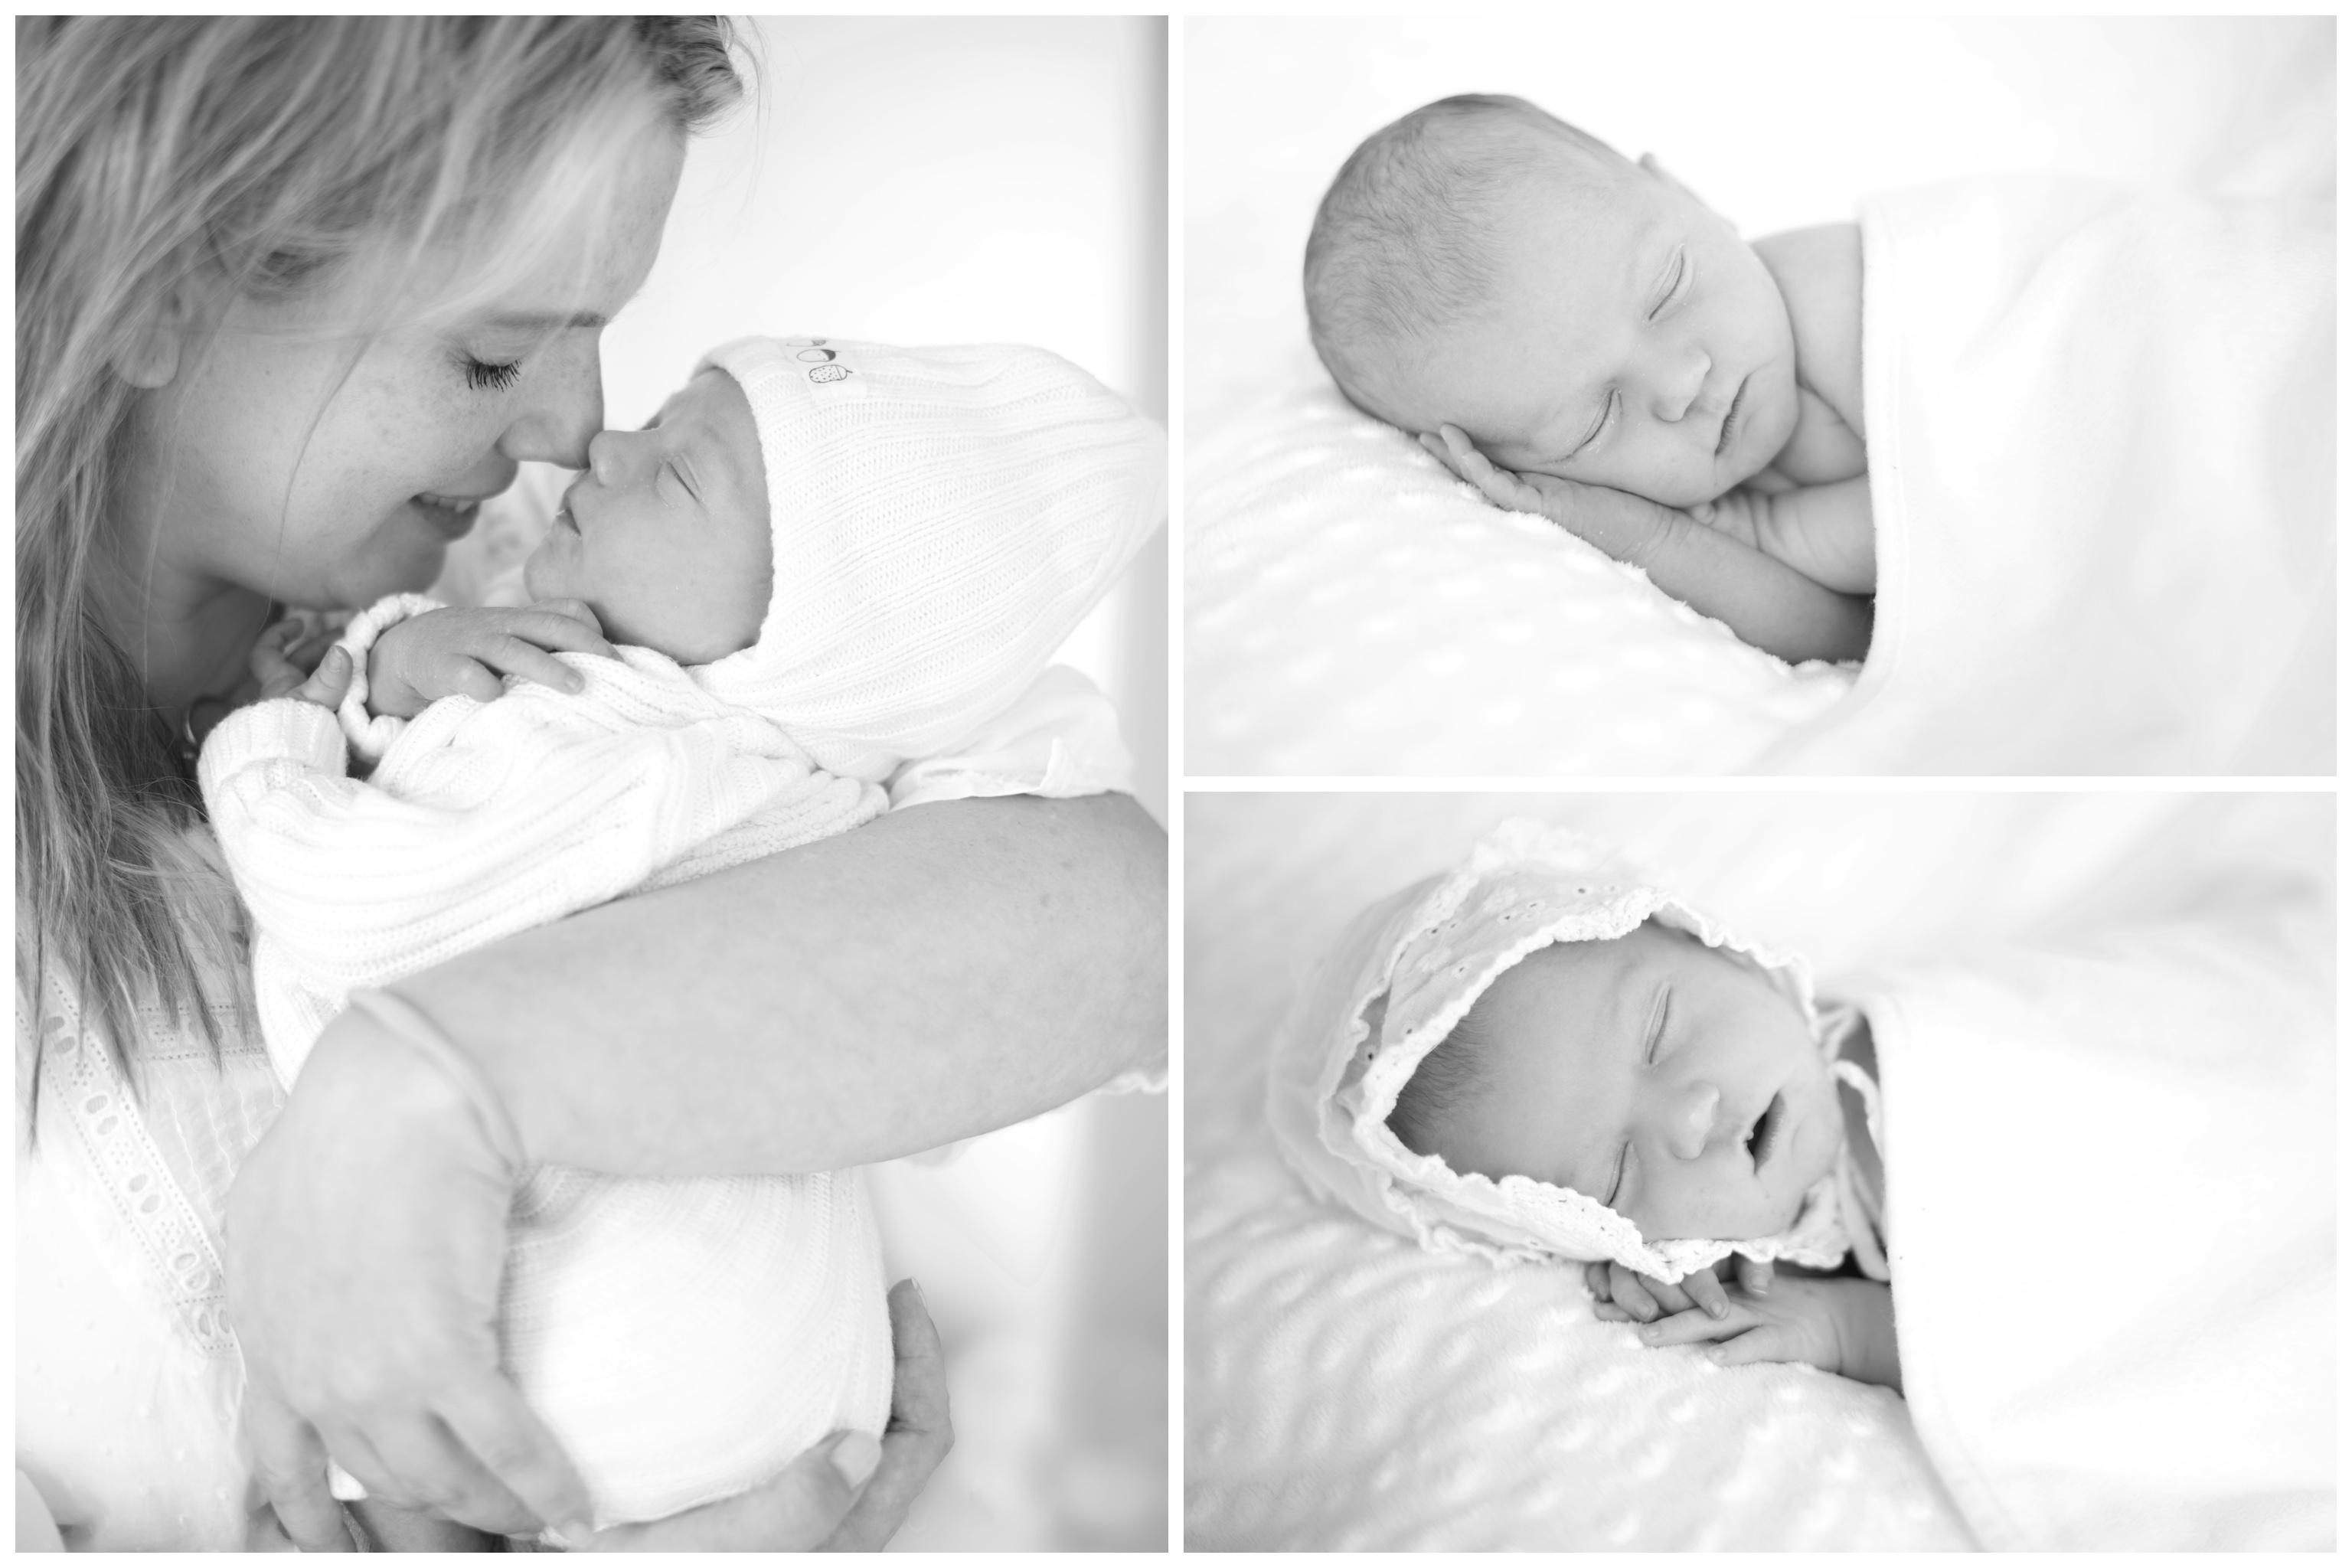 Babyfotografering hemma med familjefotograf Erika Aminoff